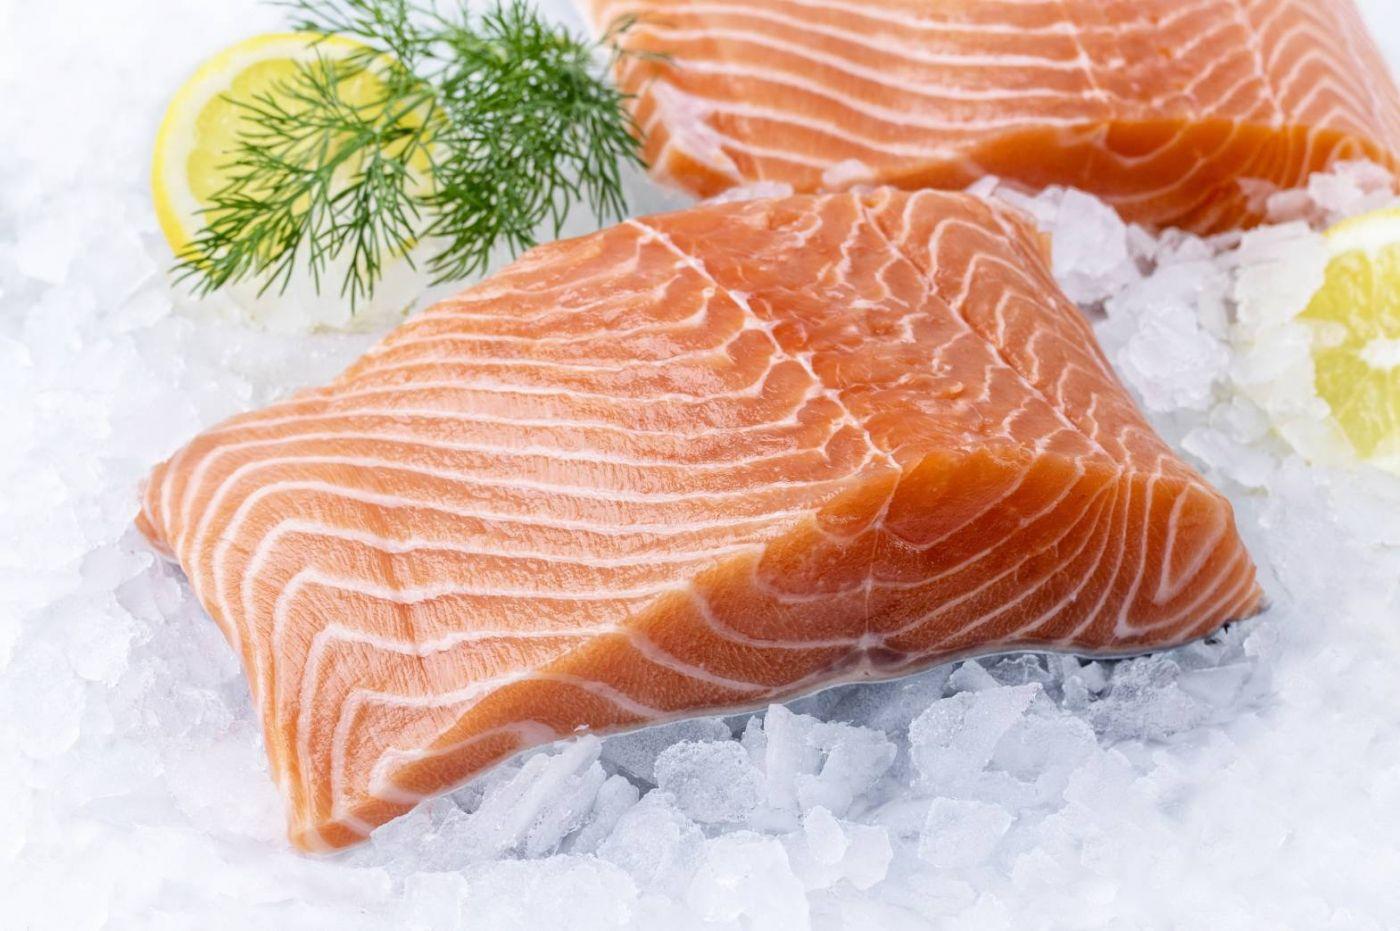 """""""ปลาส้ม""""แม็คโคร  ชื่อเรียกไอเท็มท็อปฮิต ในโซเชียลของคนรักสุขภาพ"""